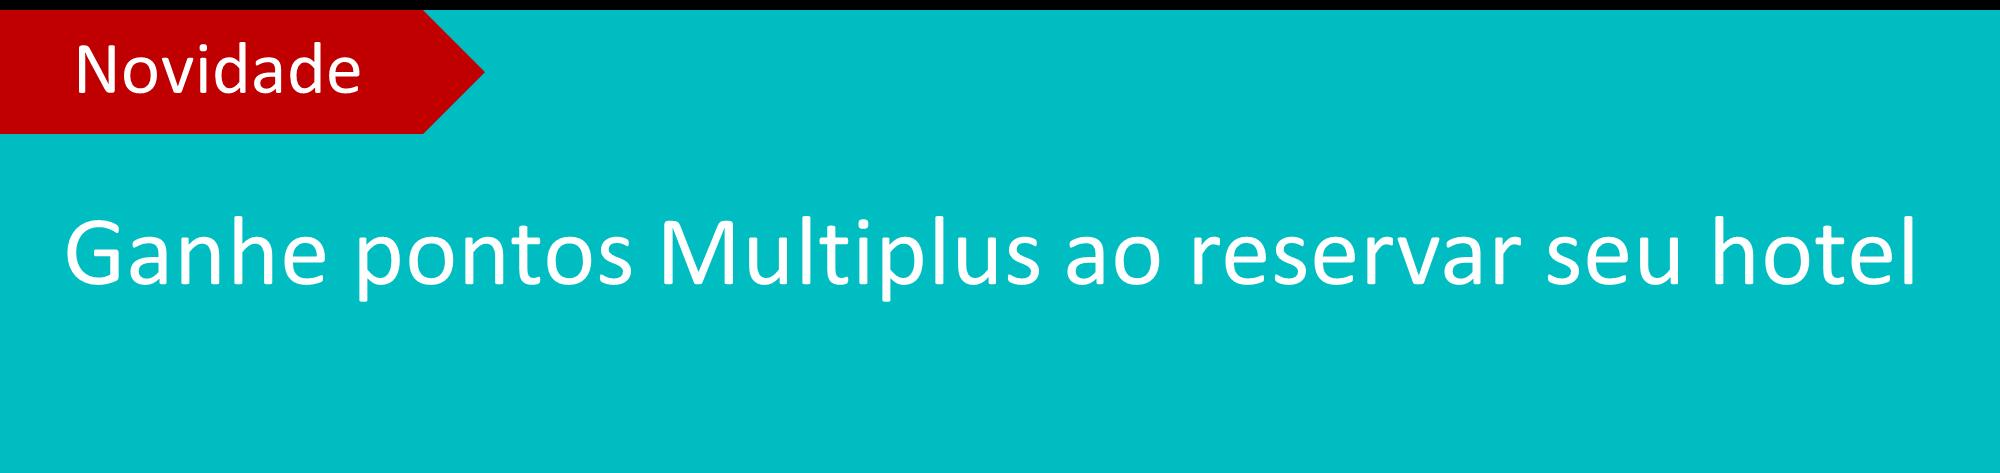 Reserve hotéis e ganhe pontos no programa de fidelidade Multiplus